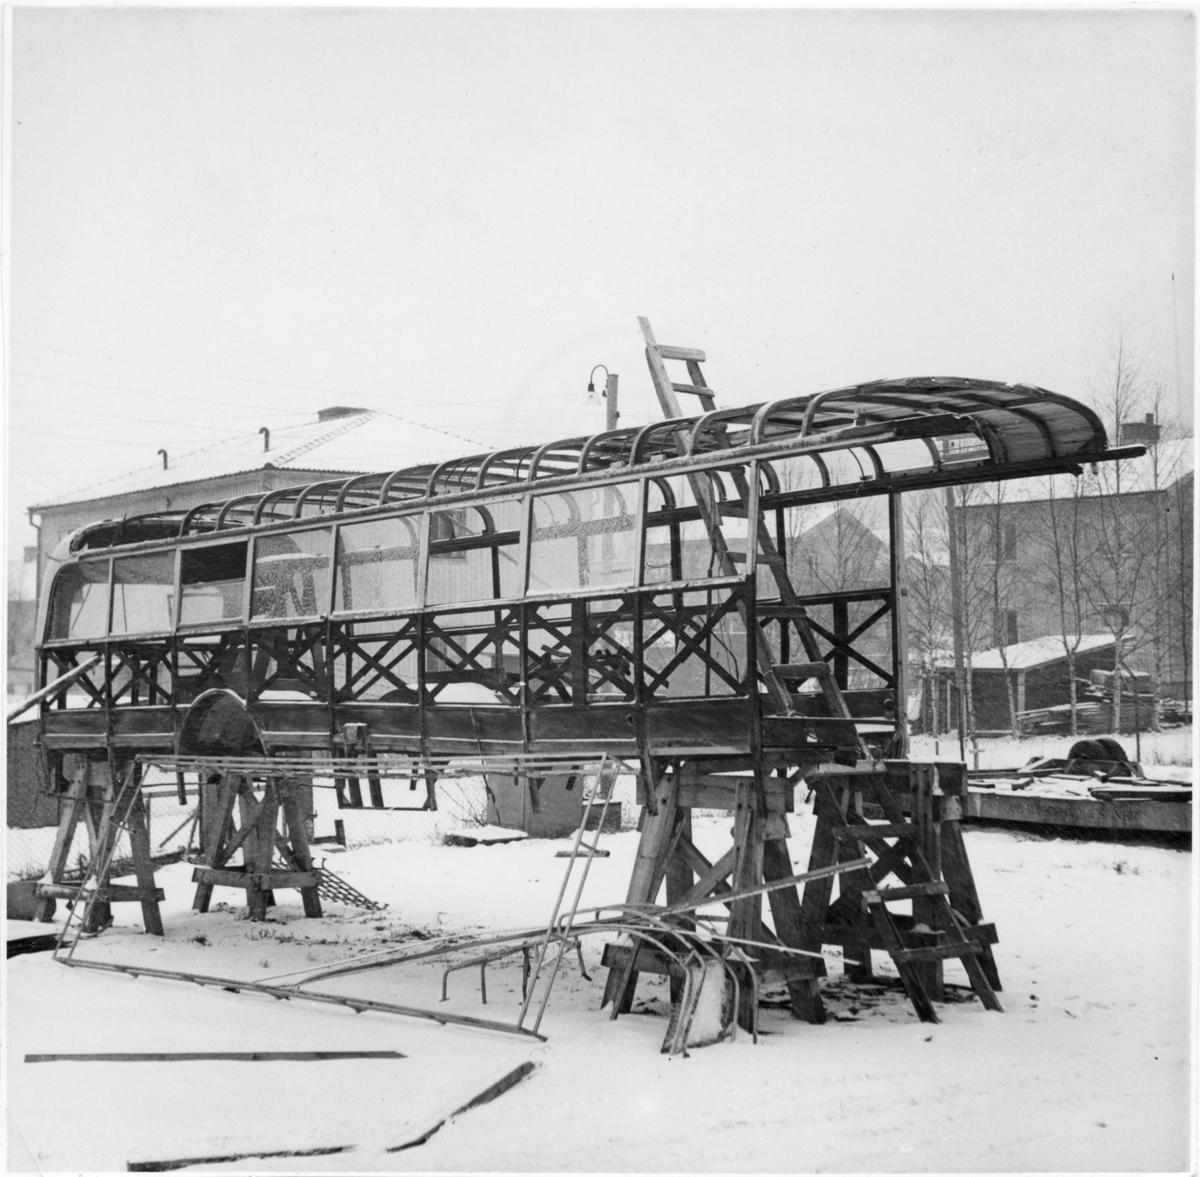 Statens Järnvägar, SJ Buss 1071, revision efter kollision.